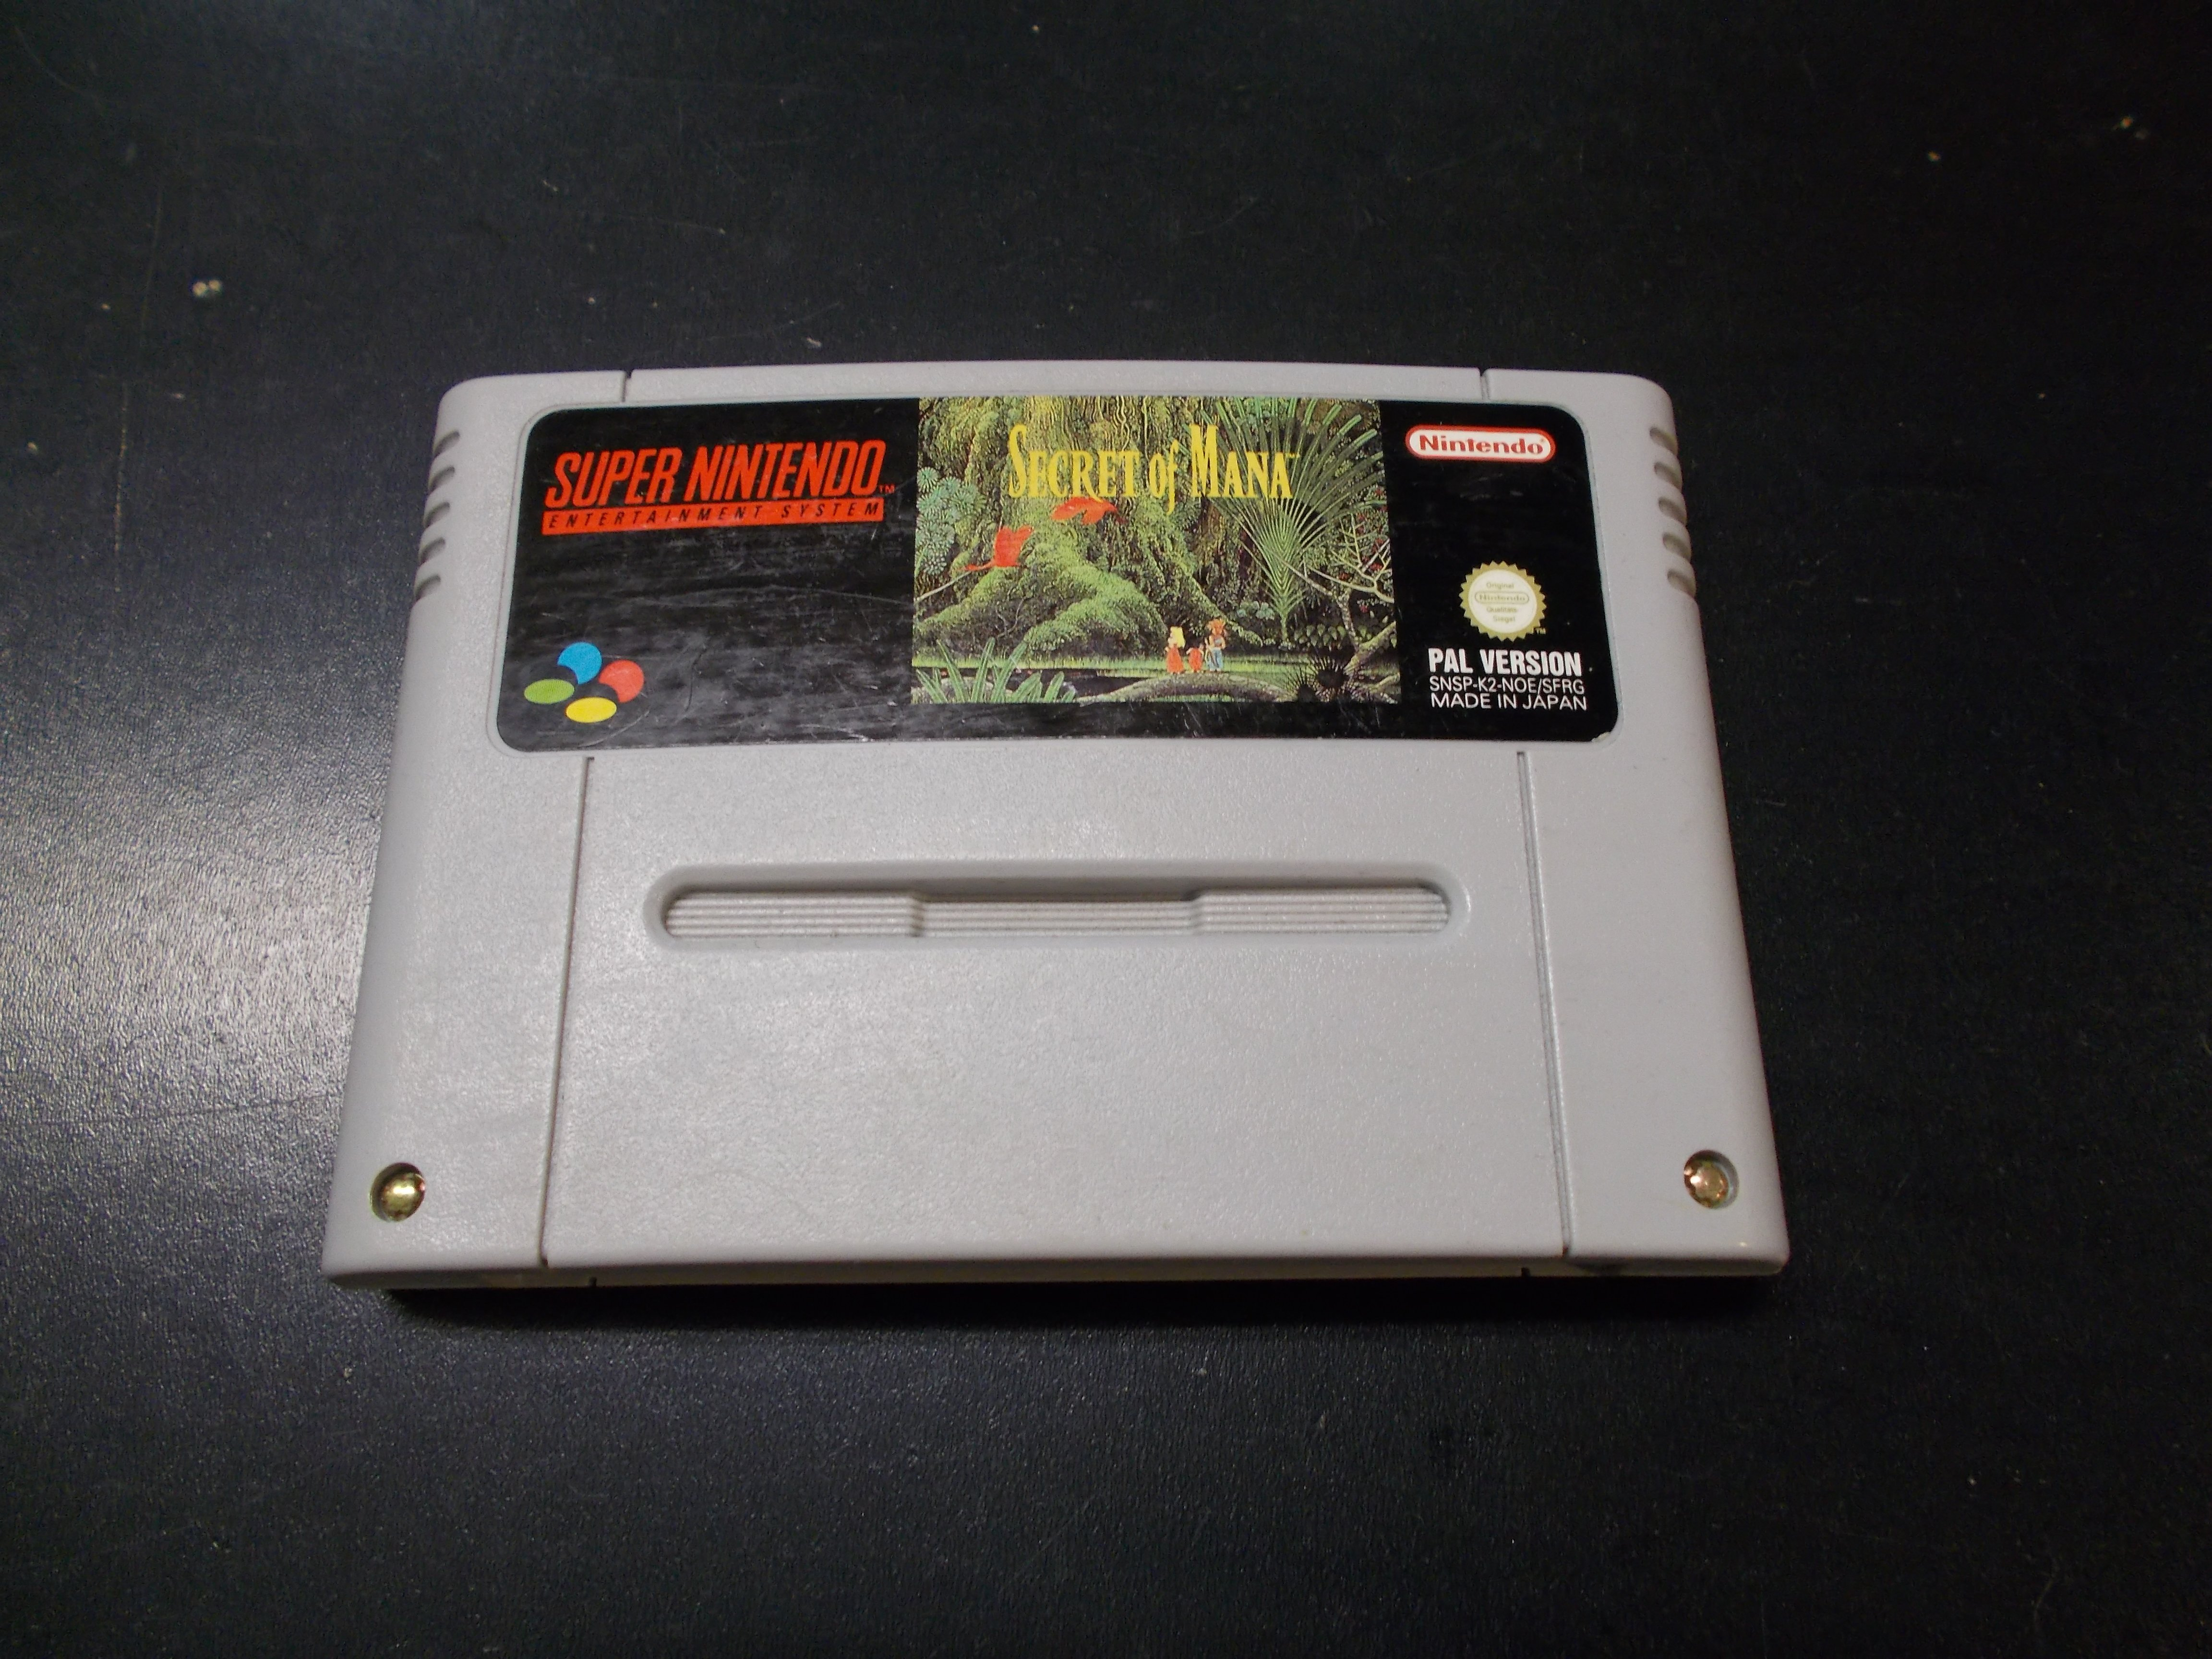 Secret Of Mana - GRA Nintendo SNES Opole 0167